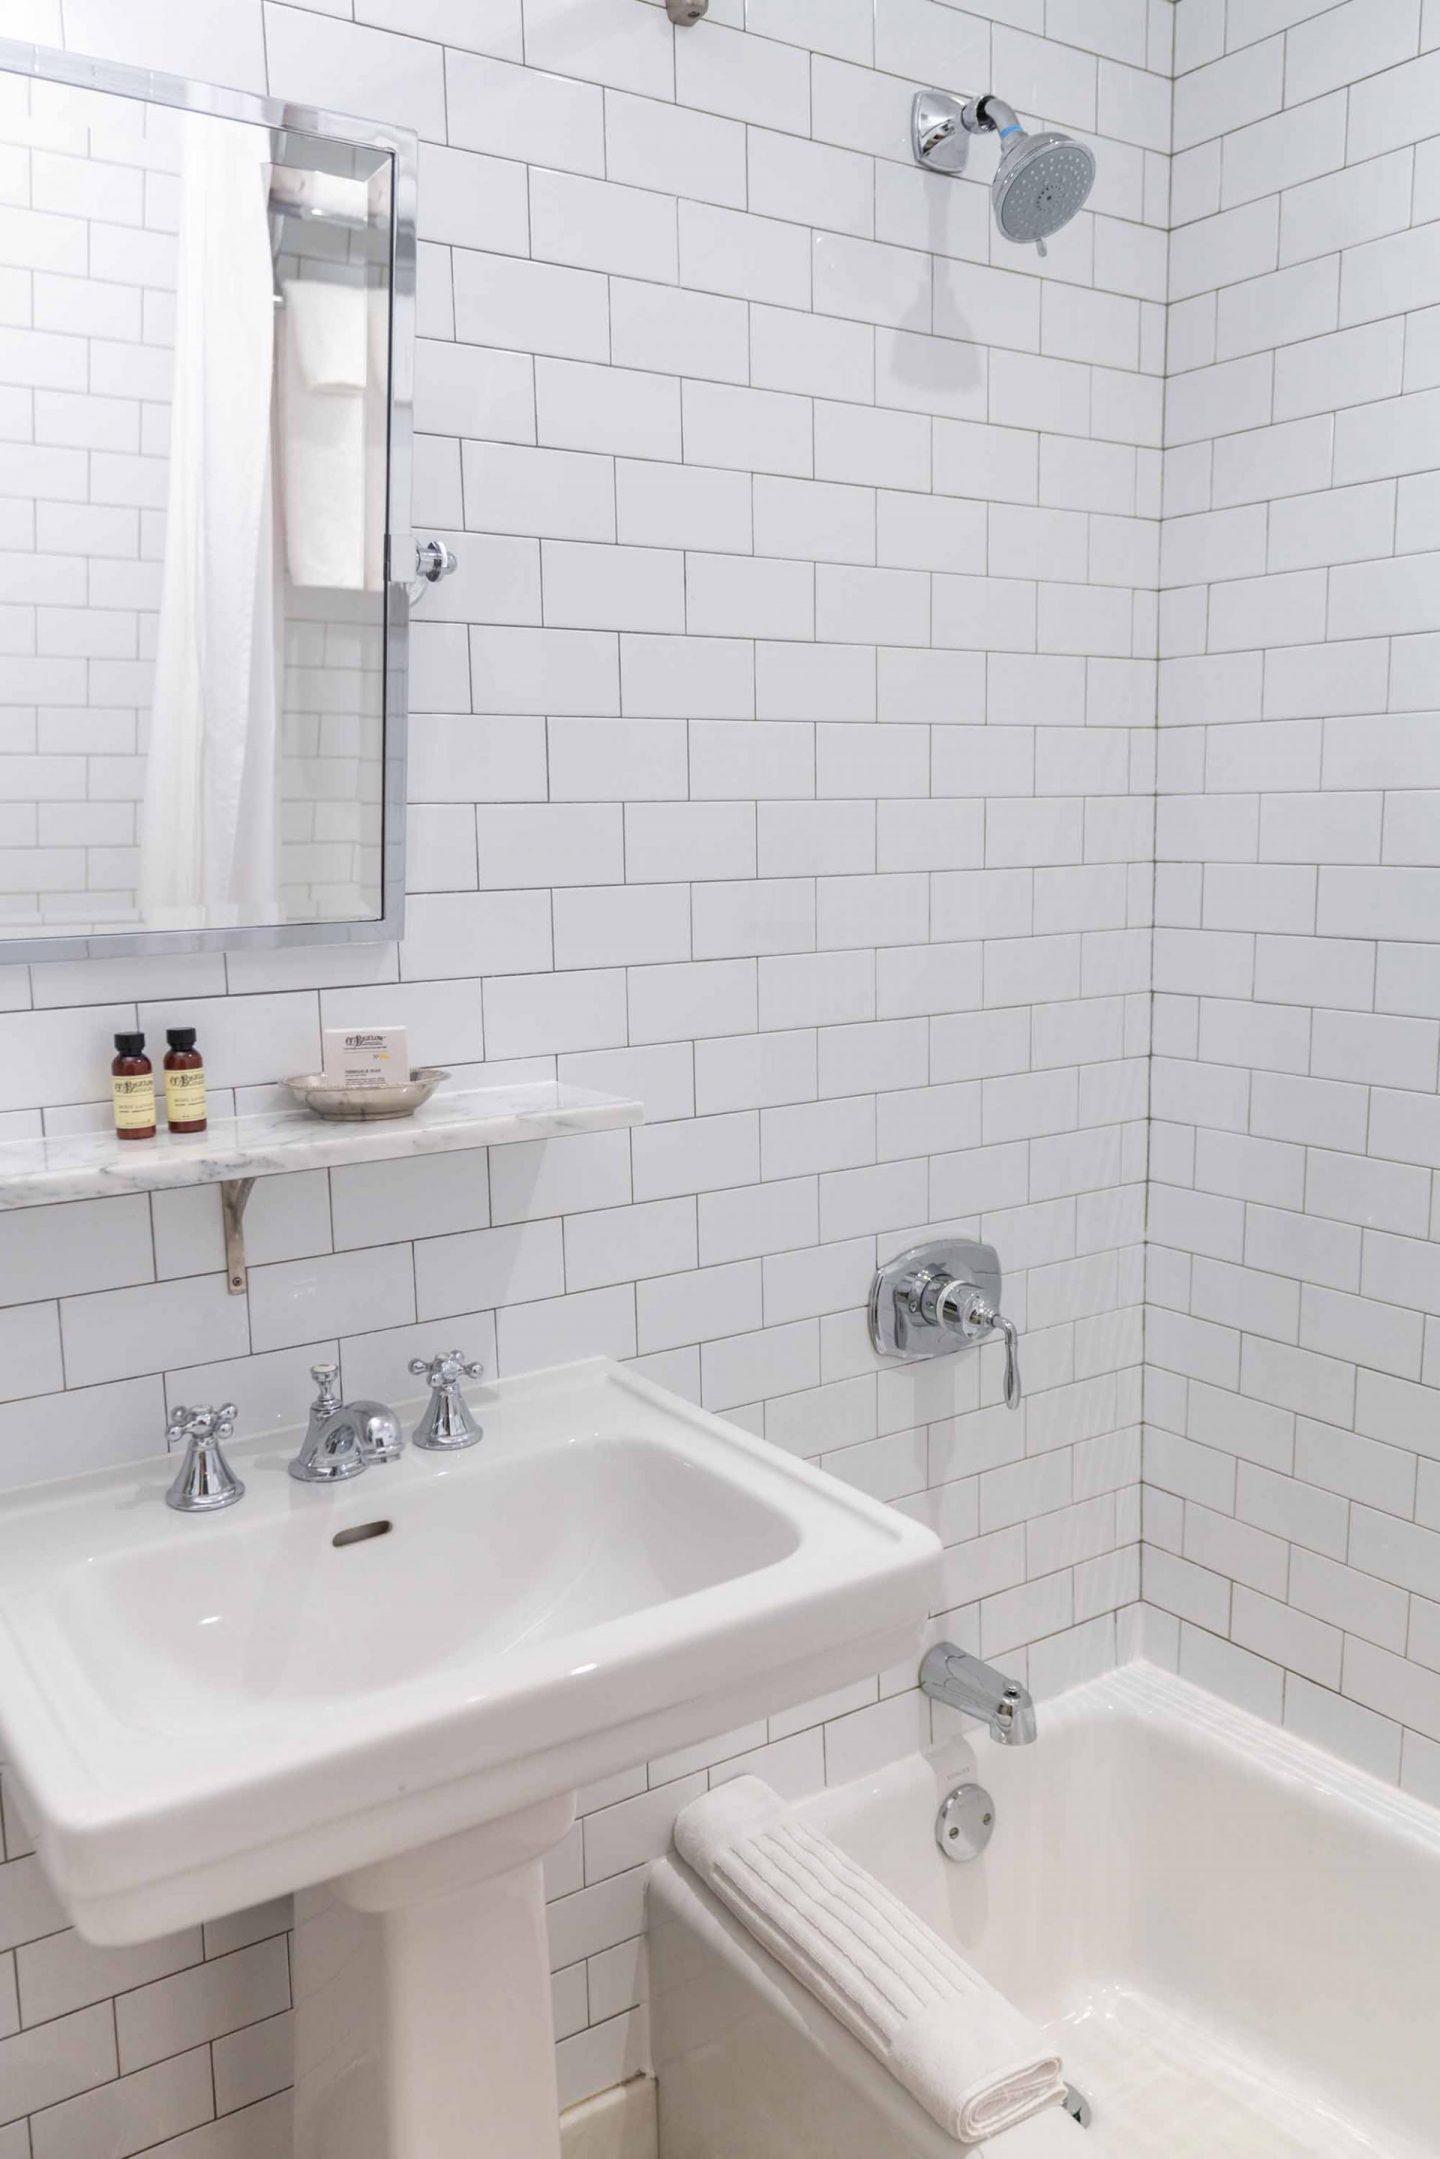 HGU New York King Suite ensuite bathroom.